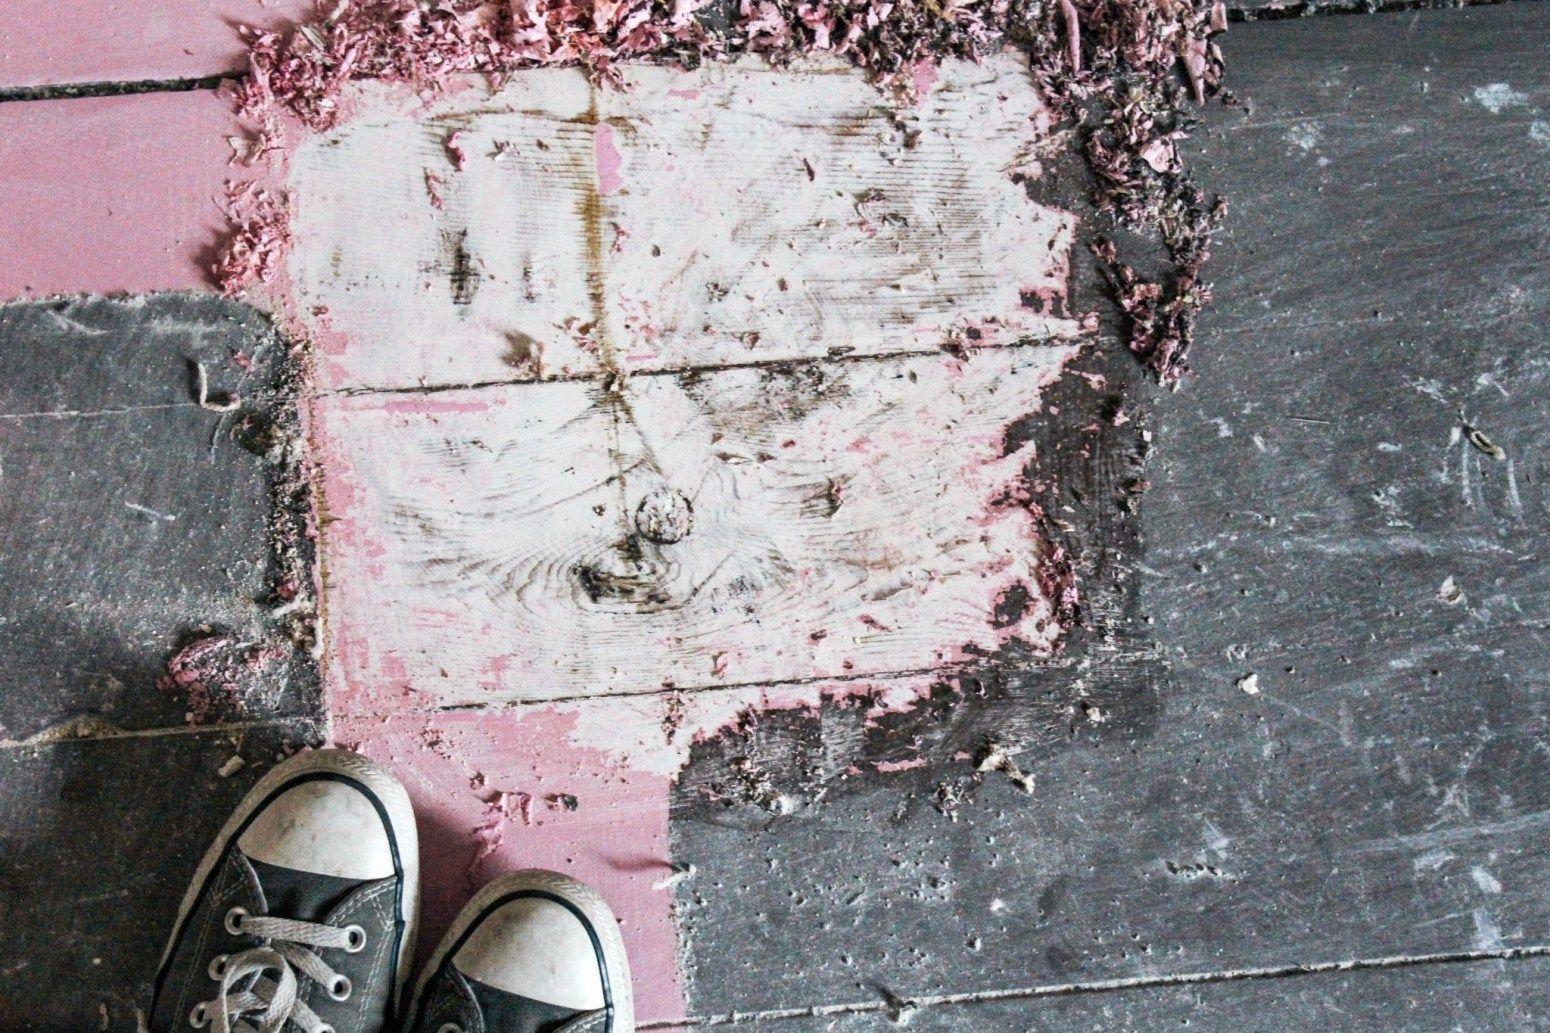 Don's Room Progress - So entfernen Sie Farbe von Holzböden - zu Hause bei Ashley#ashley #bei #dons #entfernen #farbe #hause #holzböden #progress #room #sie #von